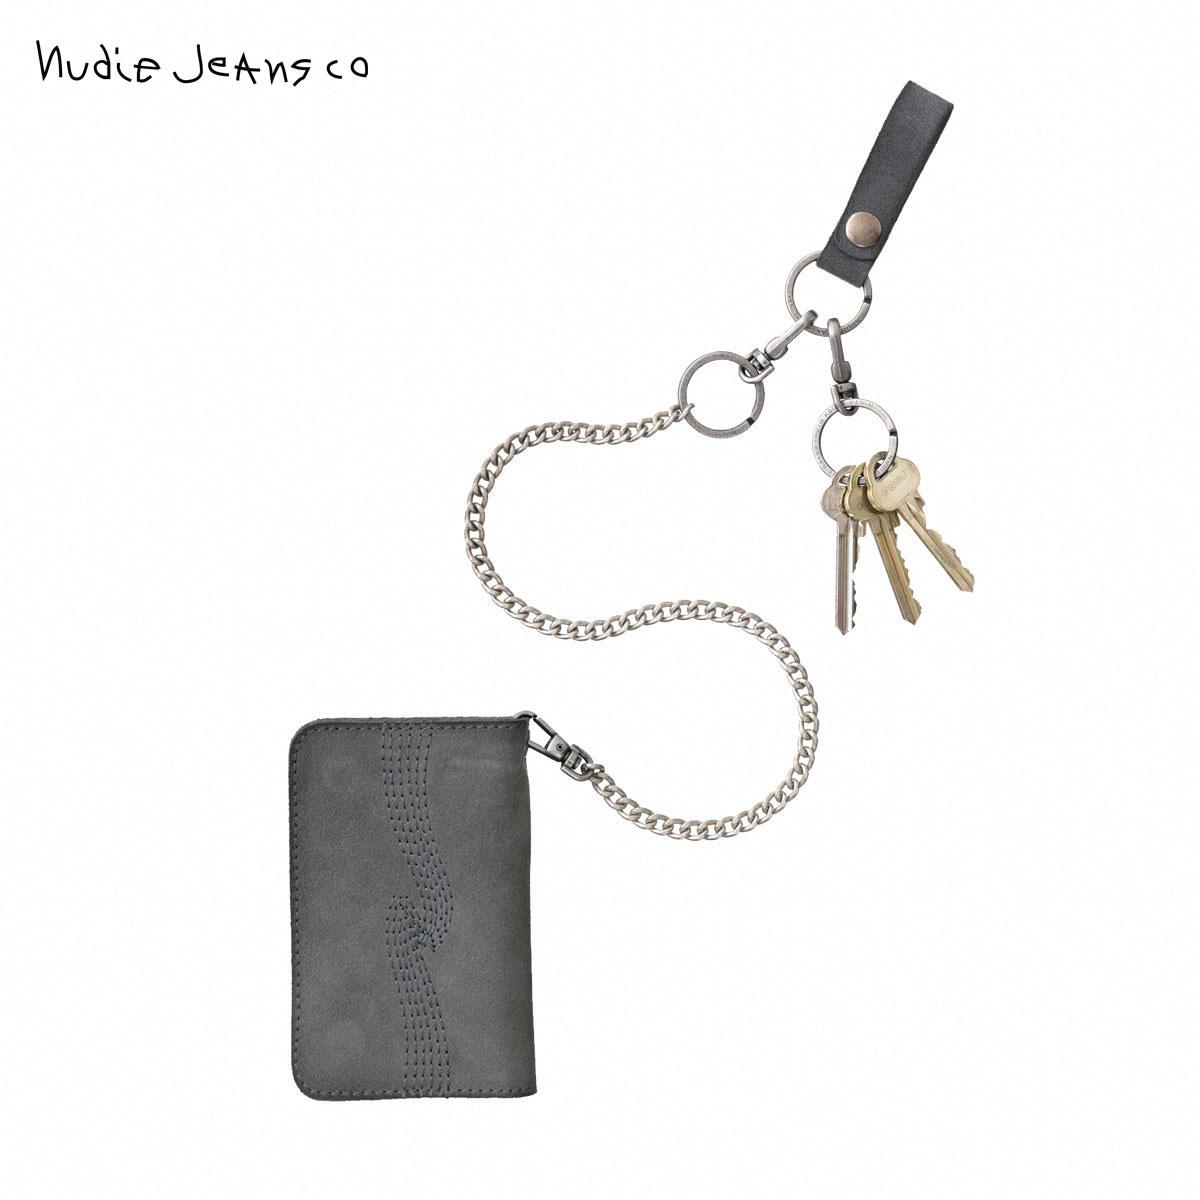 予約商品 6月頃入荷予定 ヌーディージーンズ Nudie Jeans 正規販売店 メンズ レディース 財布 チェーン付き ALFREDSSON CHAIN WALLET GREY B03 180647 7025